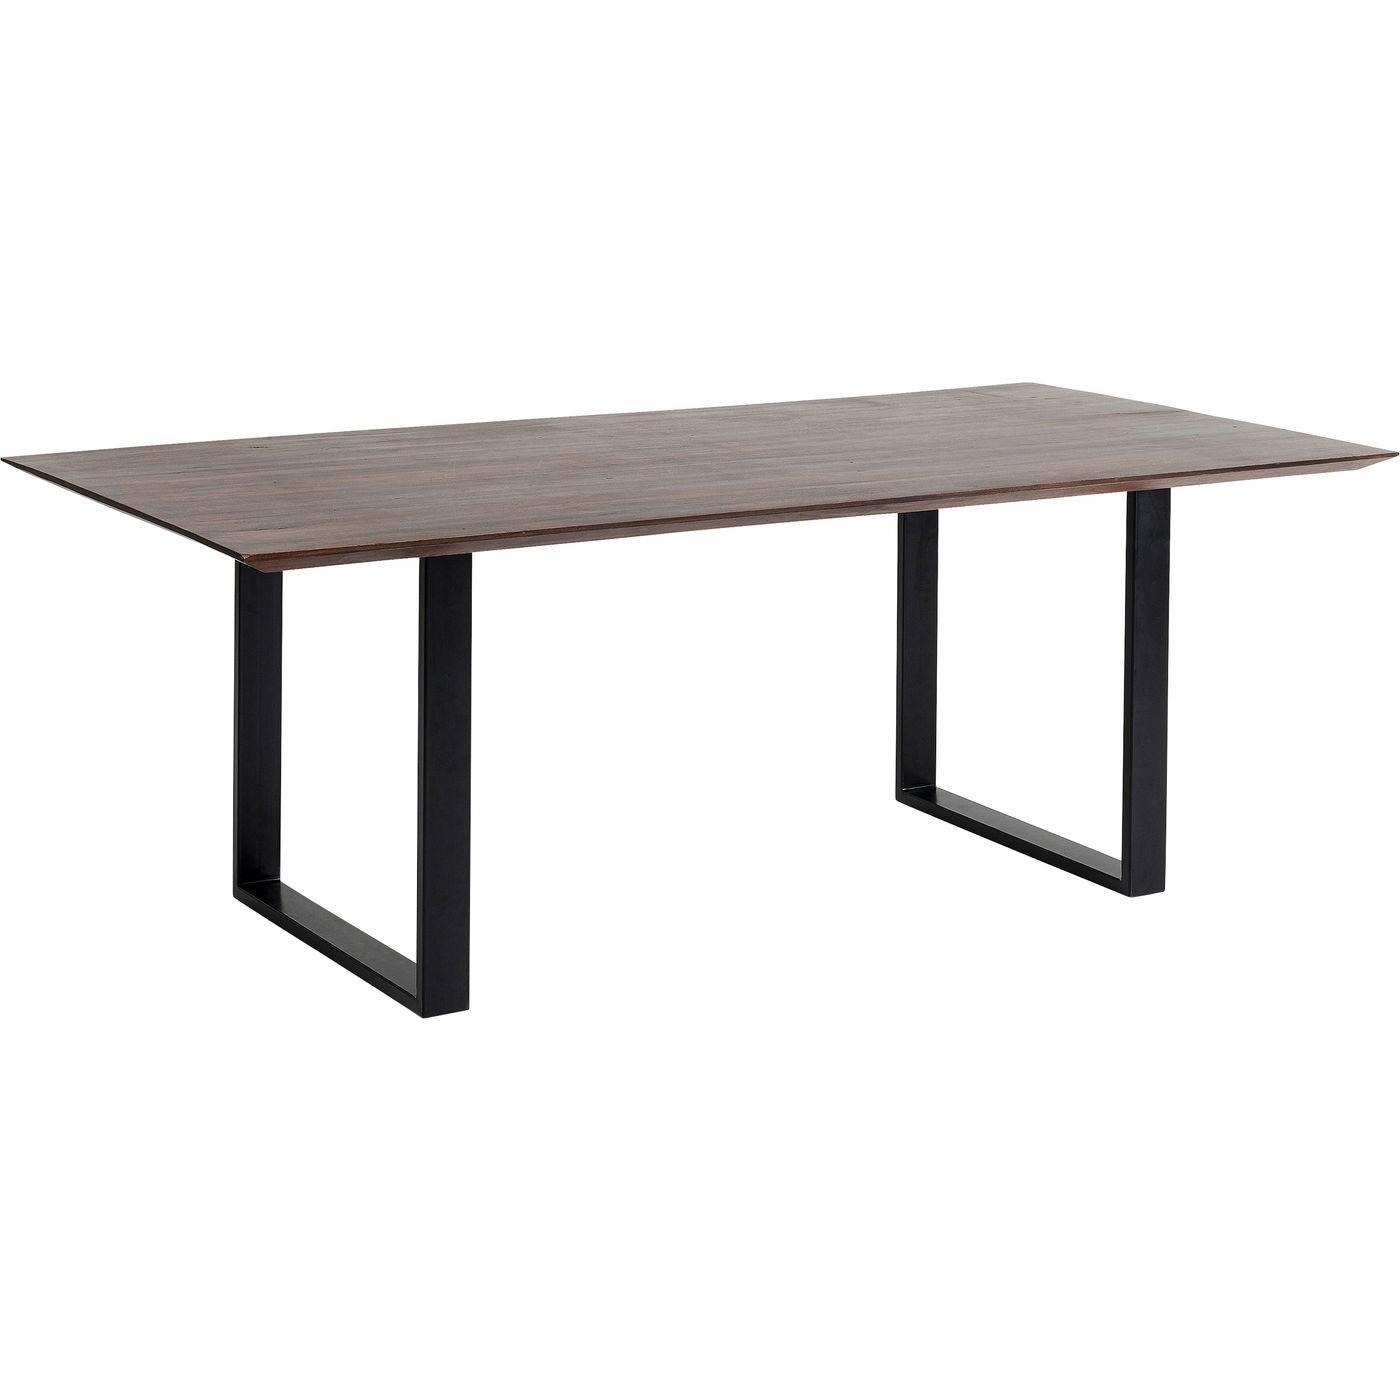 Table à manger 6 personnes acacia brun biseauté et acier noir L160